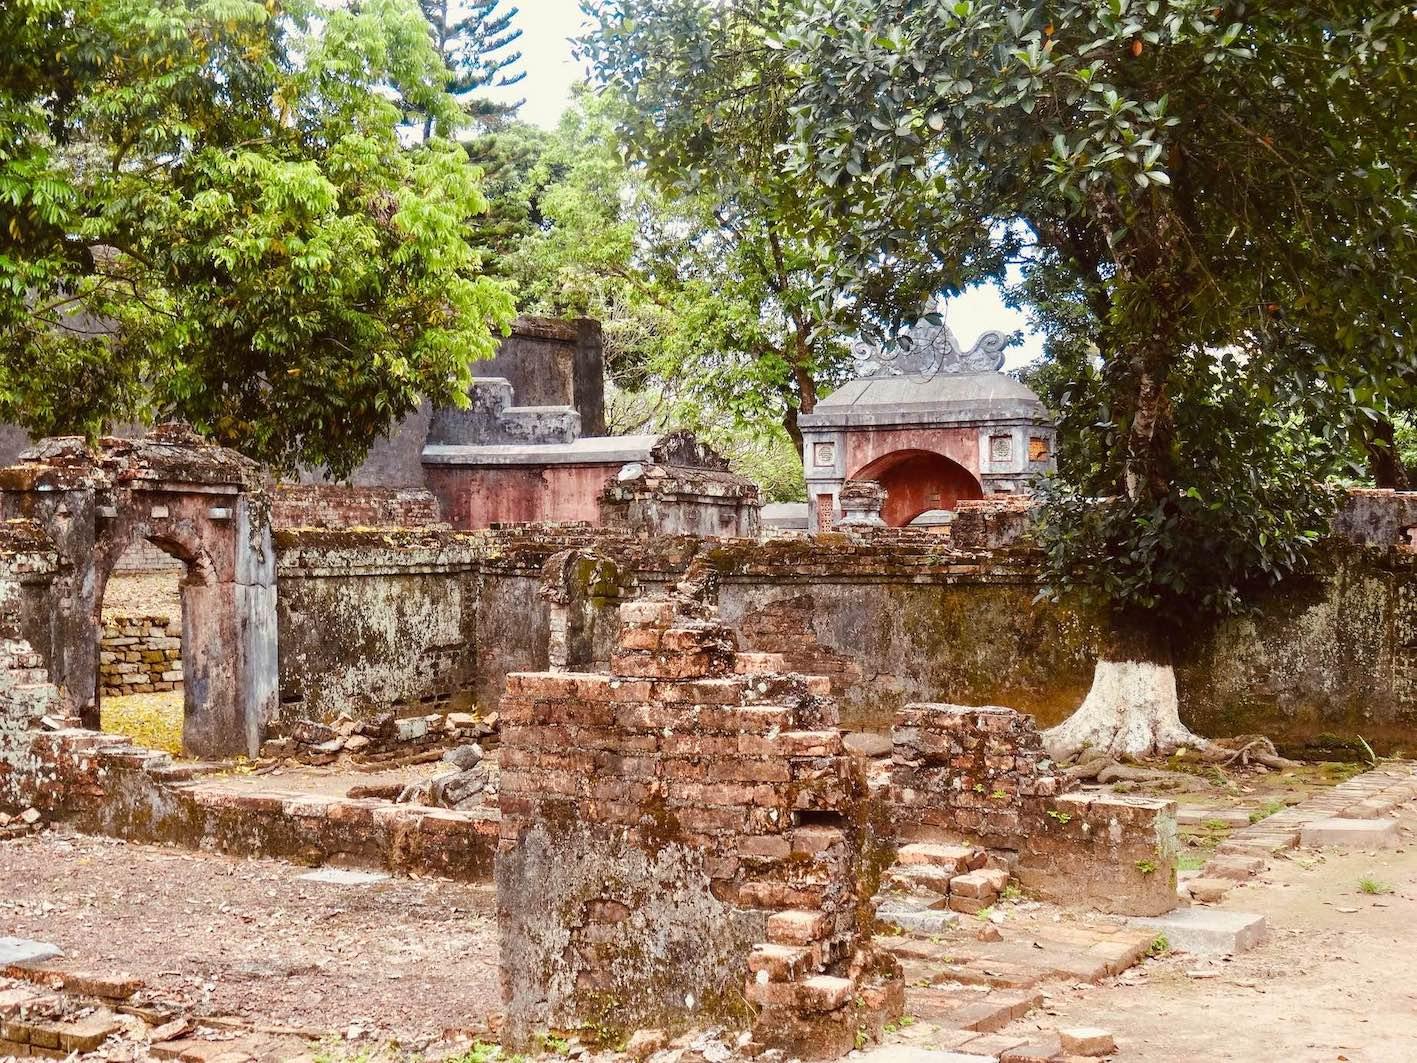 Mausoleum of Emperor Tu Duc Vietnam